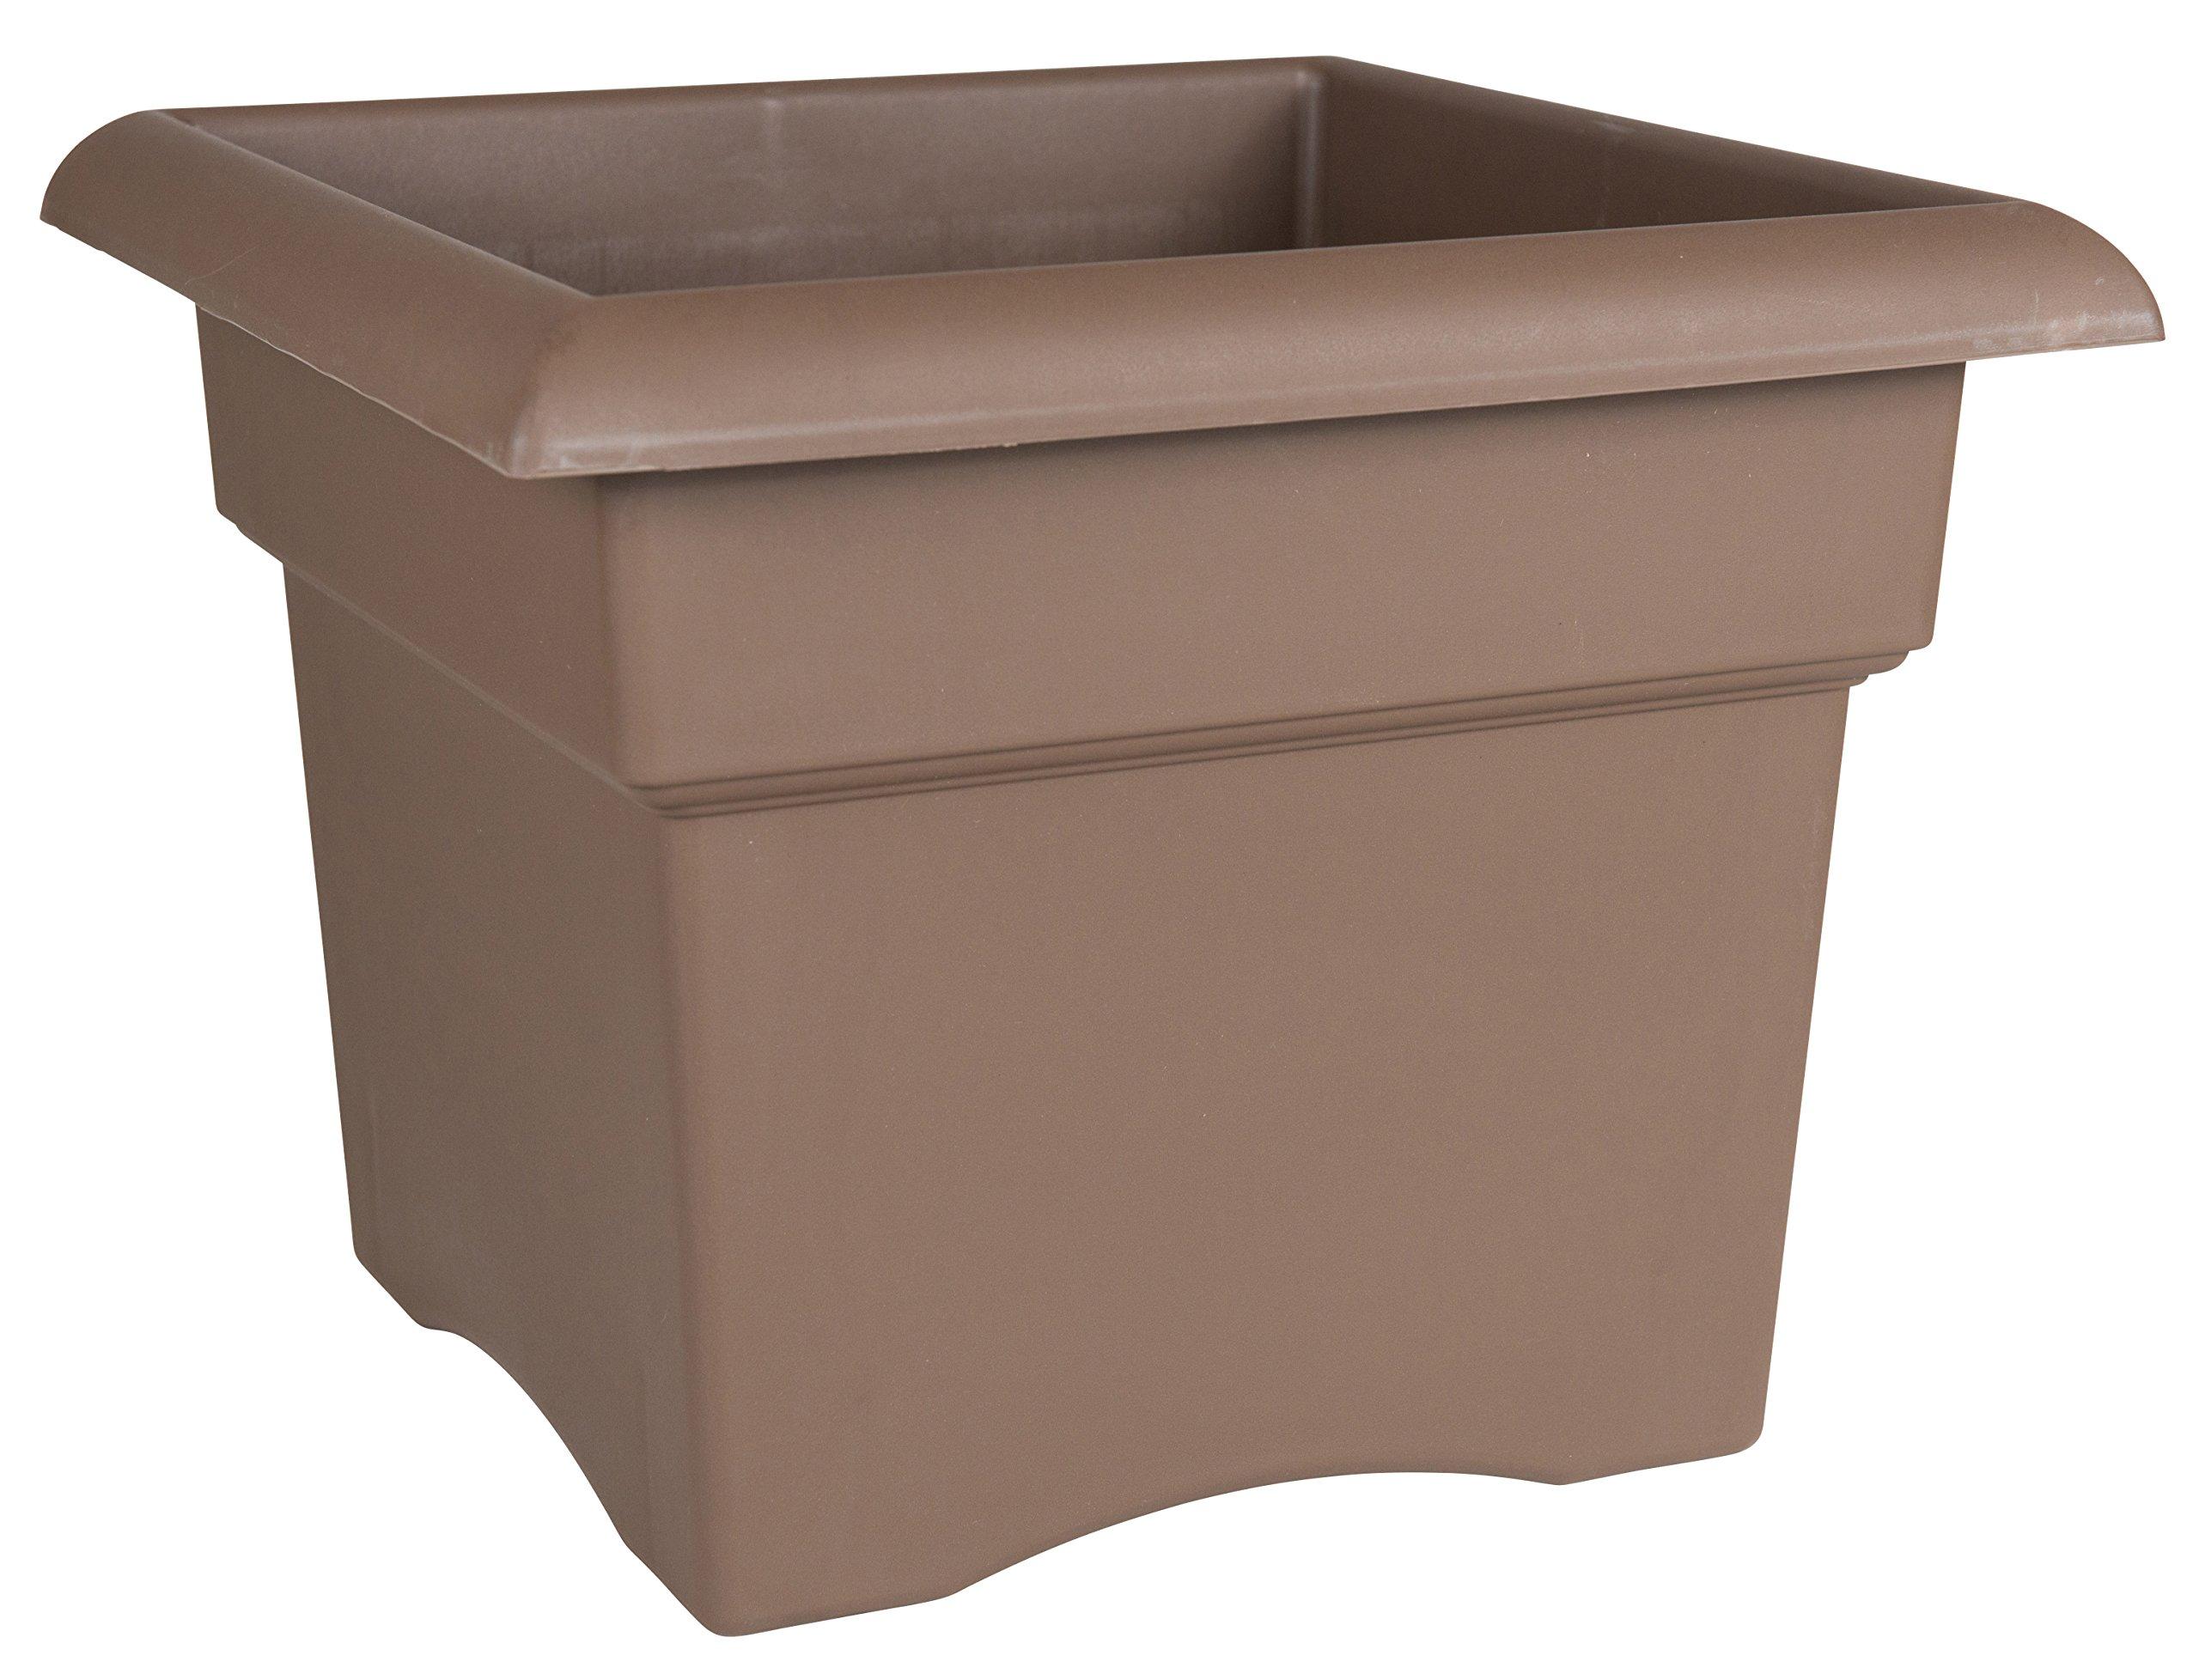 Fiskars 14 Inch Veranda 3 Gallon Box Planter, Color Chocolate (57314CH)